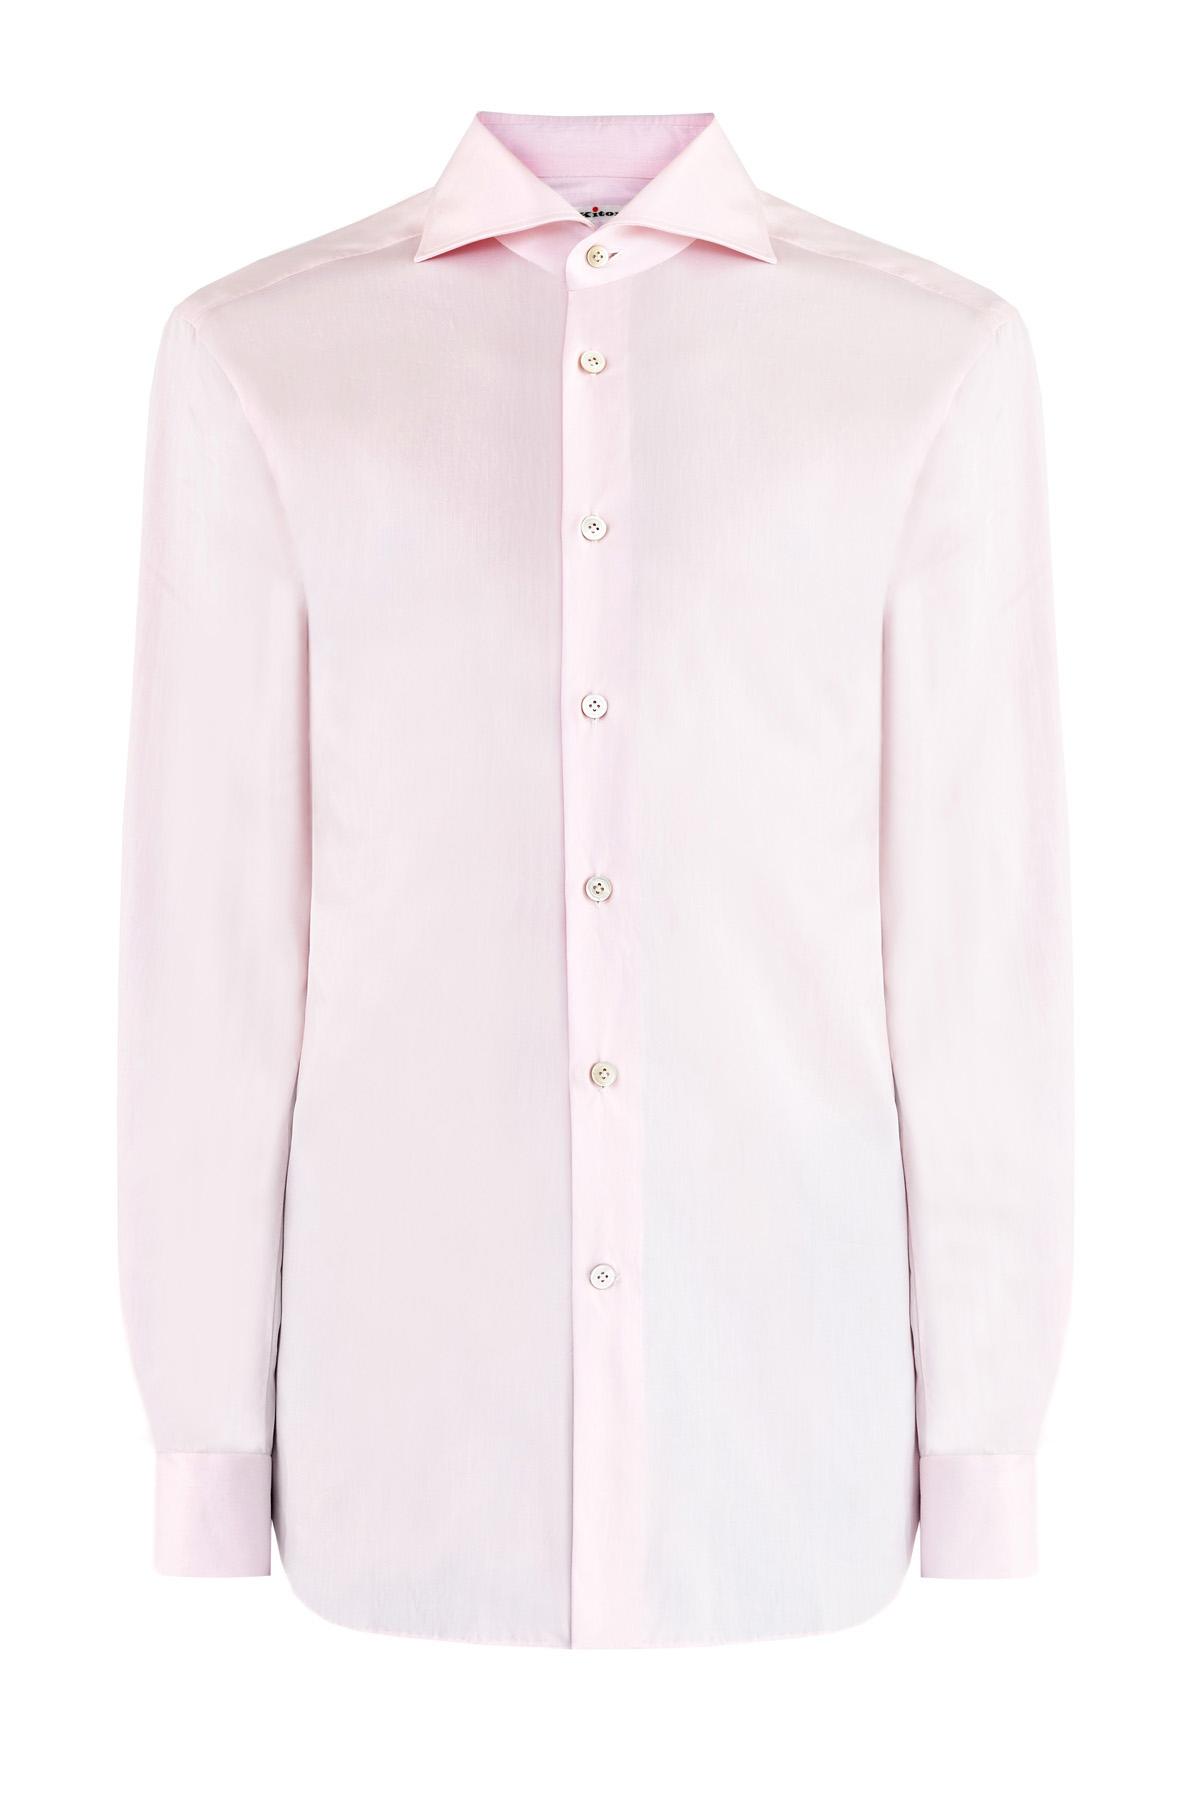 Однотонная рубашка в классическом стиле из хлопка